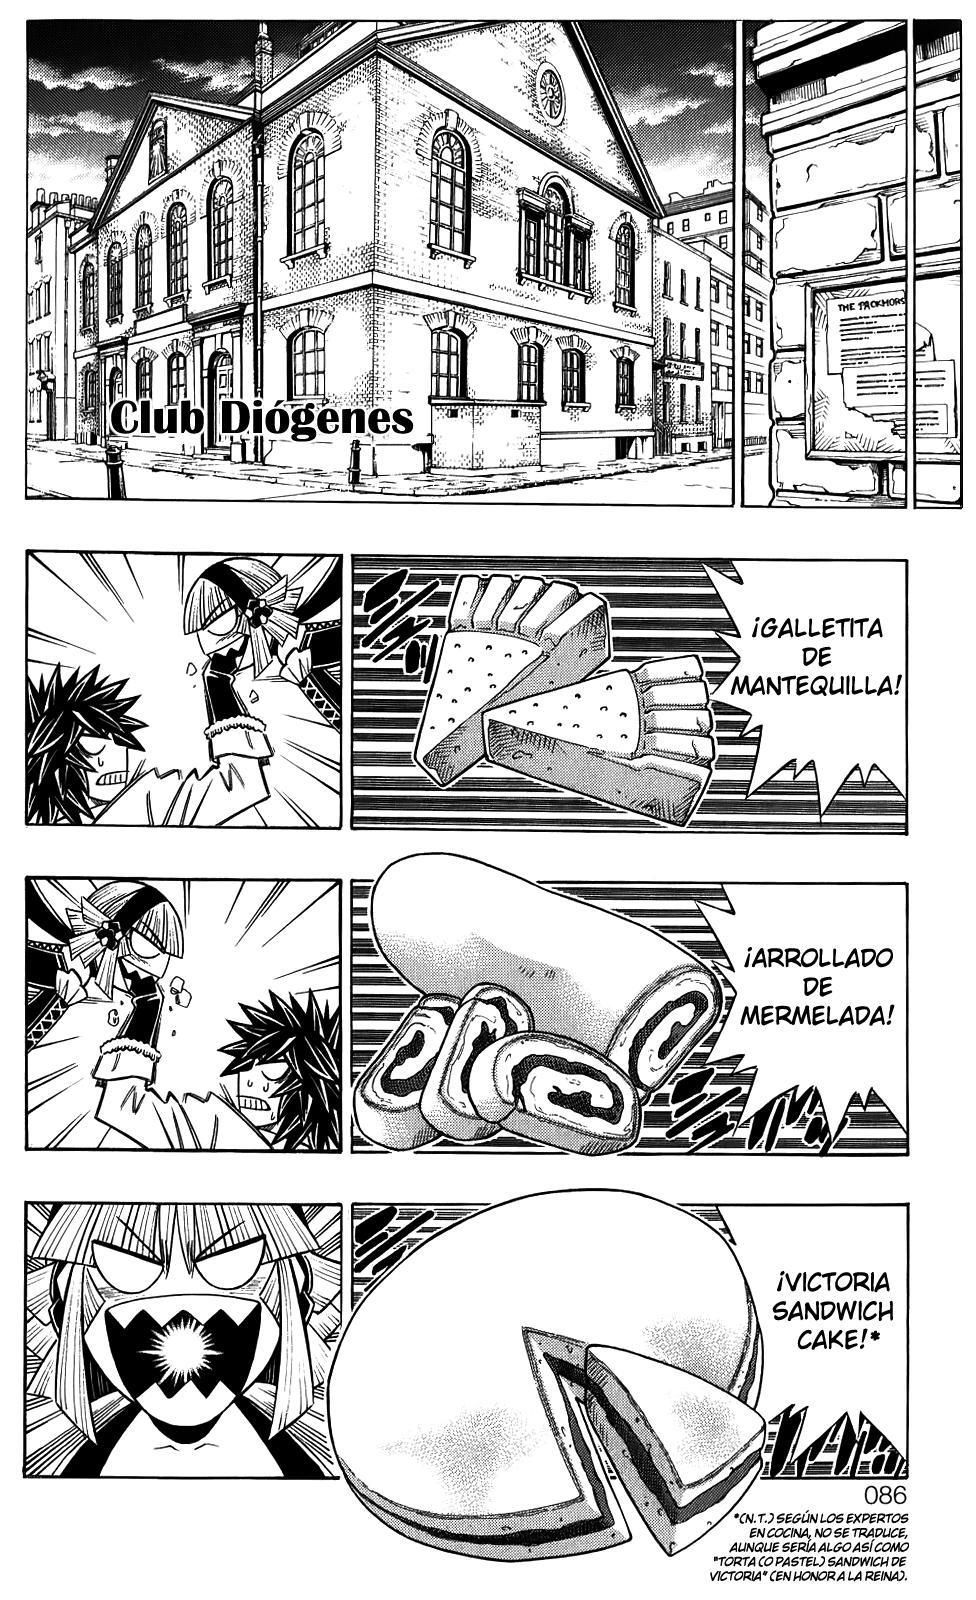 http://c5.ninemanga.com/es_manga/45/18797/447905/5ad4f73ea28ca73f8fe529067b237db1.jpg Page 10